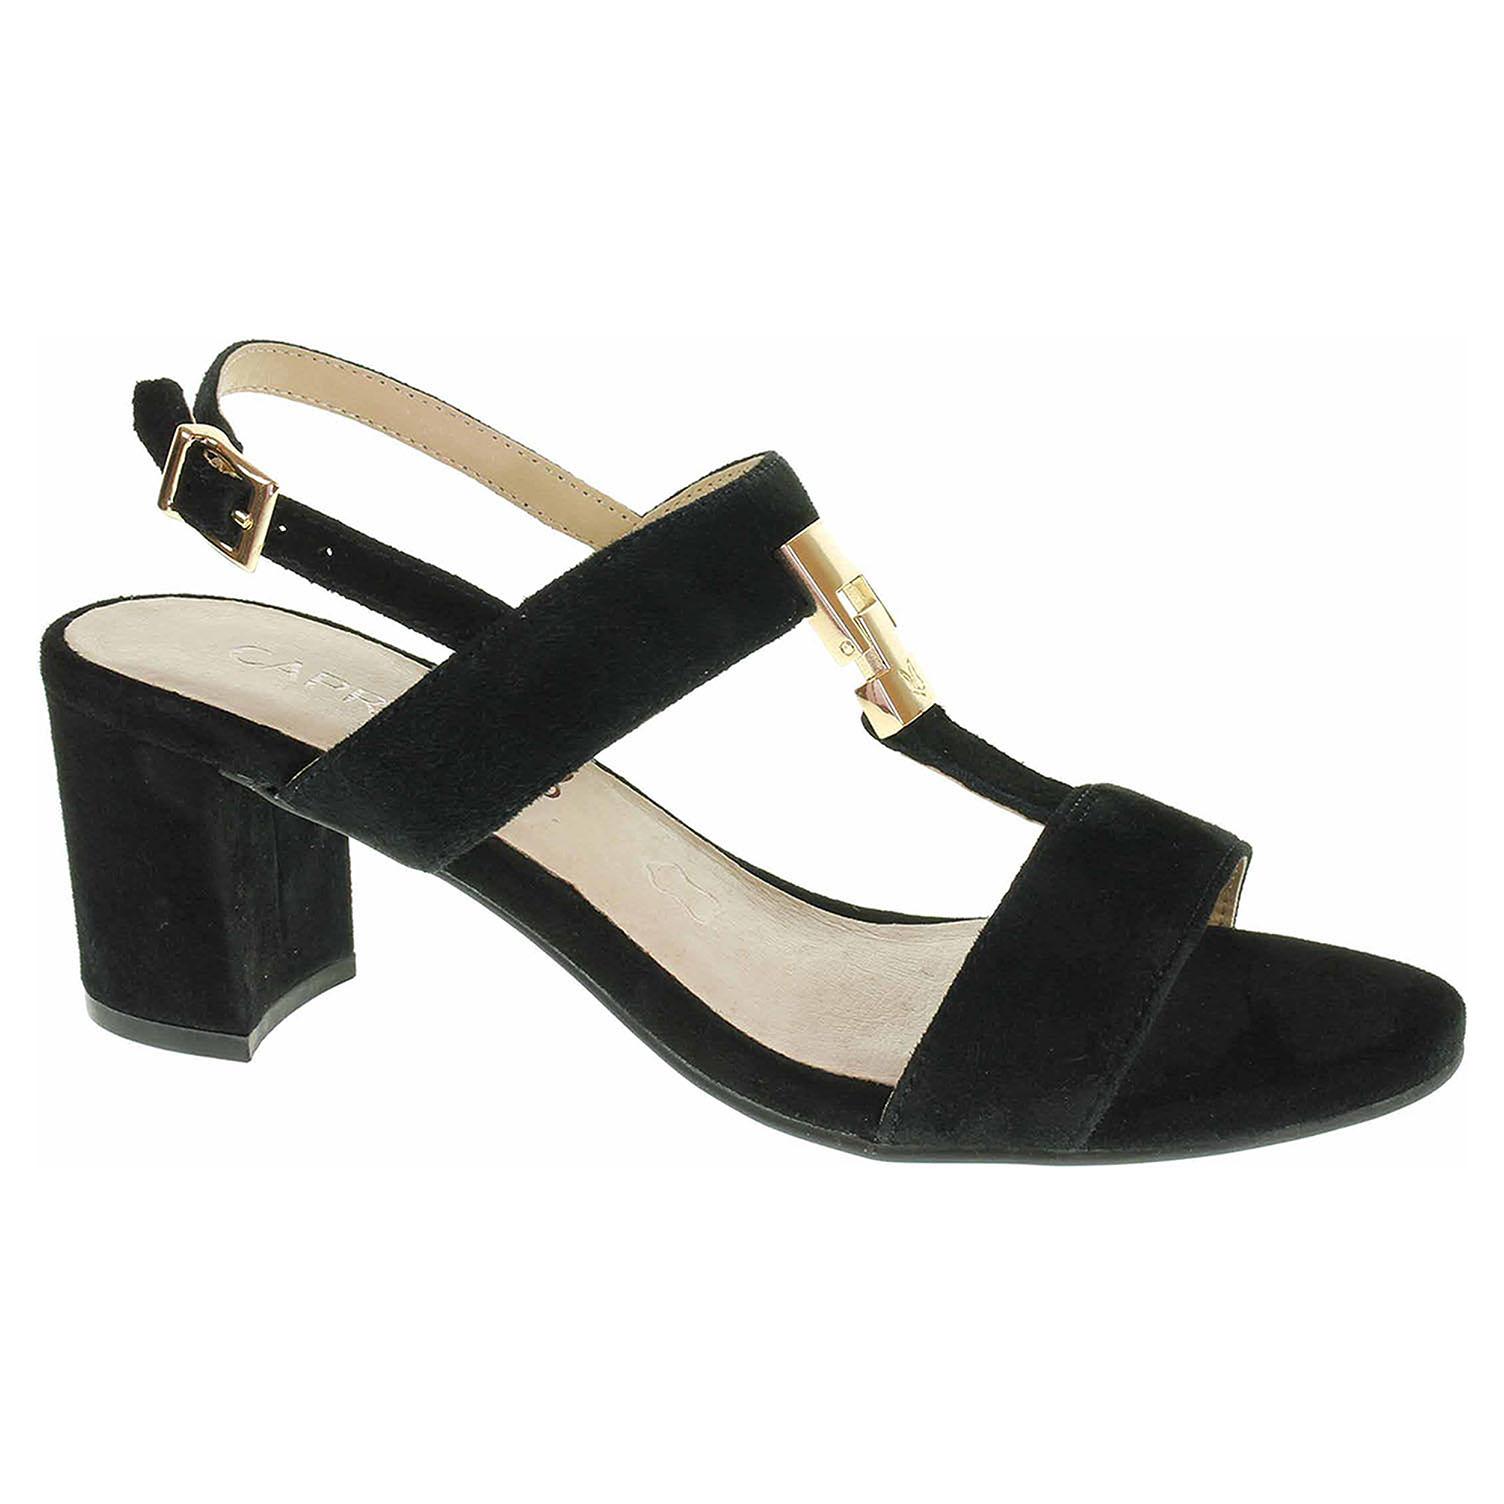 9/9-28303/22 004 black suede módní dámské sandály, semišové CAPRICE